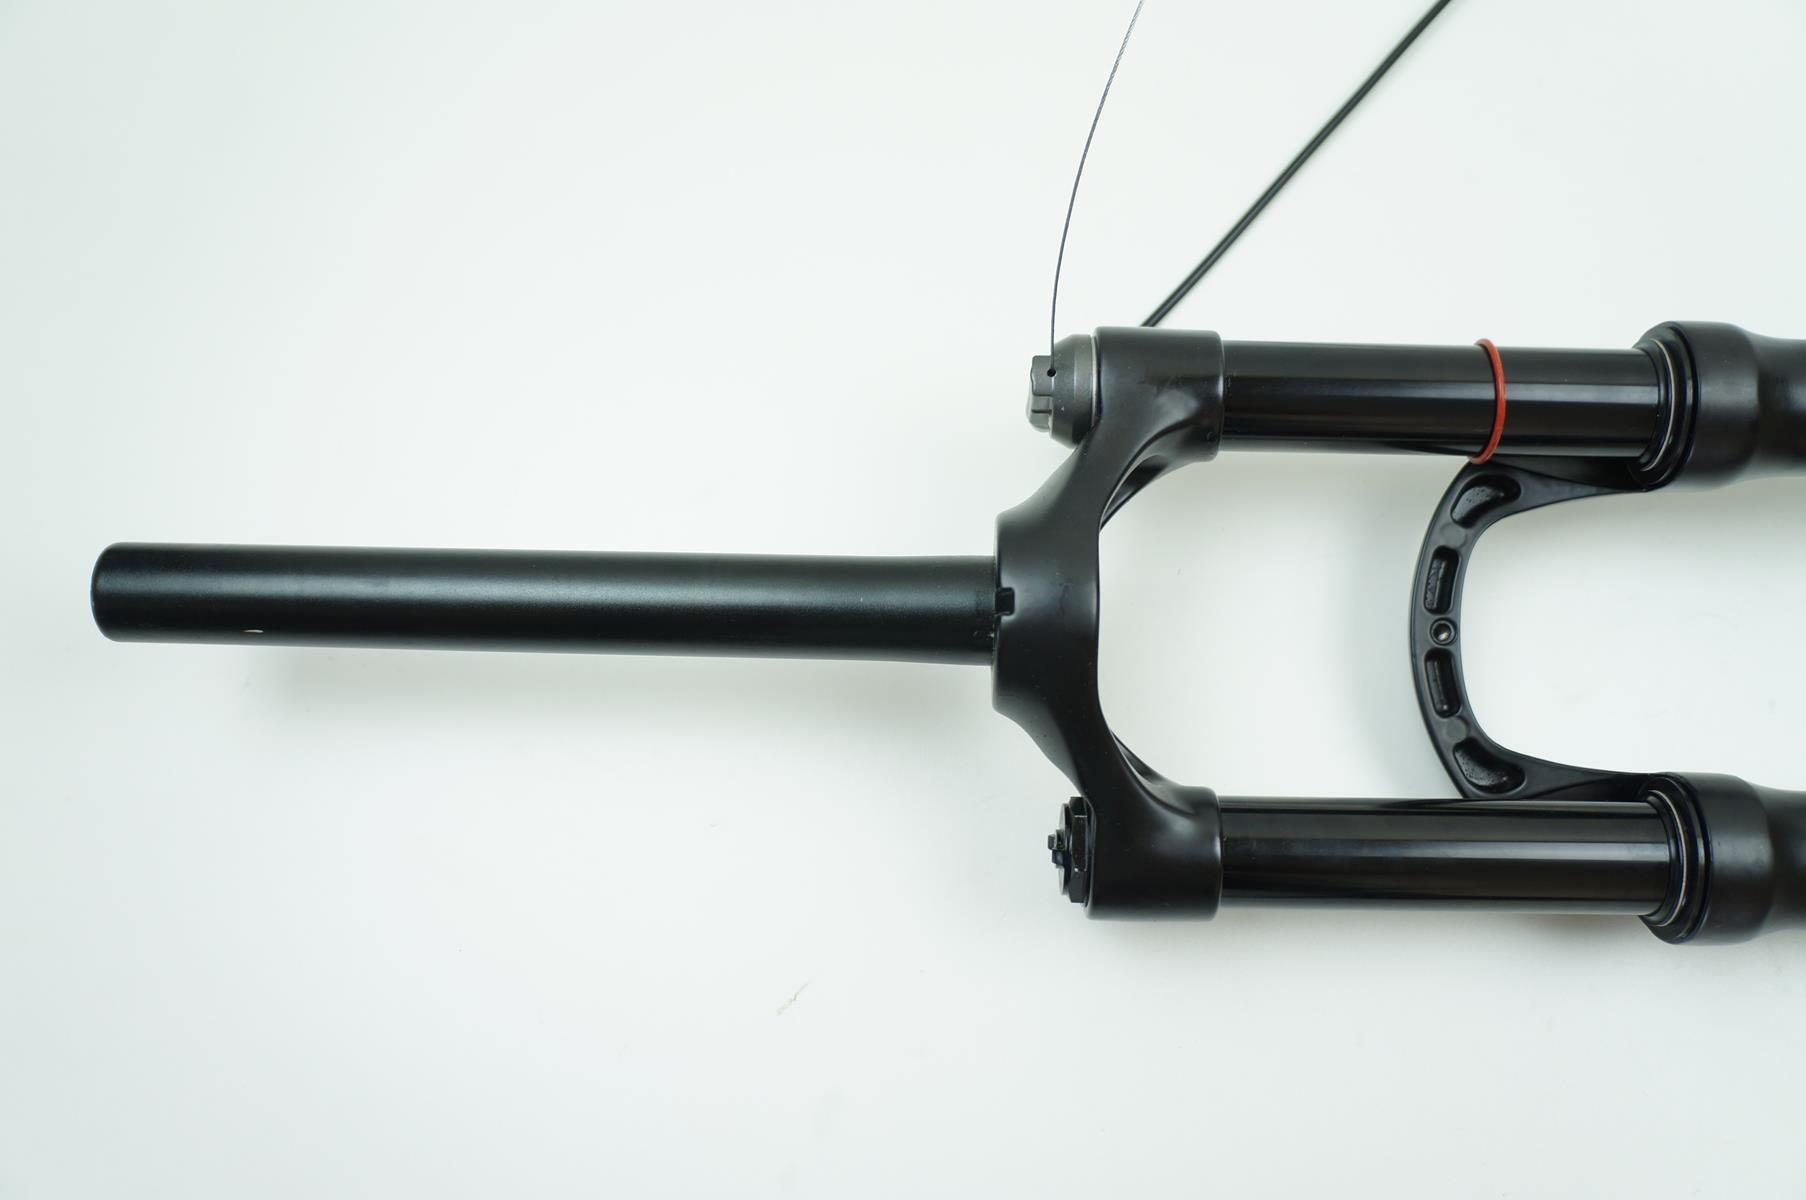 Suspensão Absolute Prime À Ar 29er 100mm Espiga Reta Eixo 9mm com Trava no Guidão